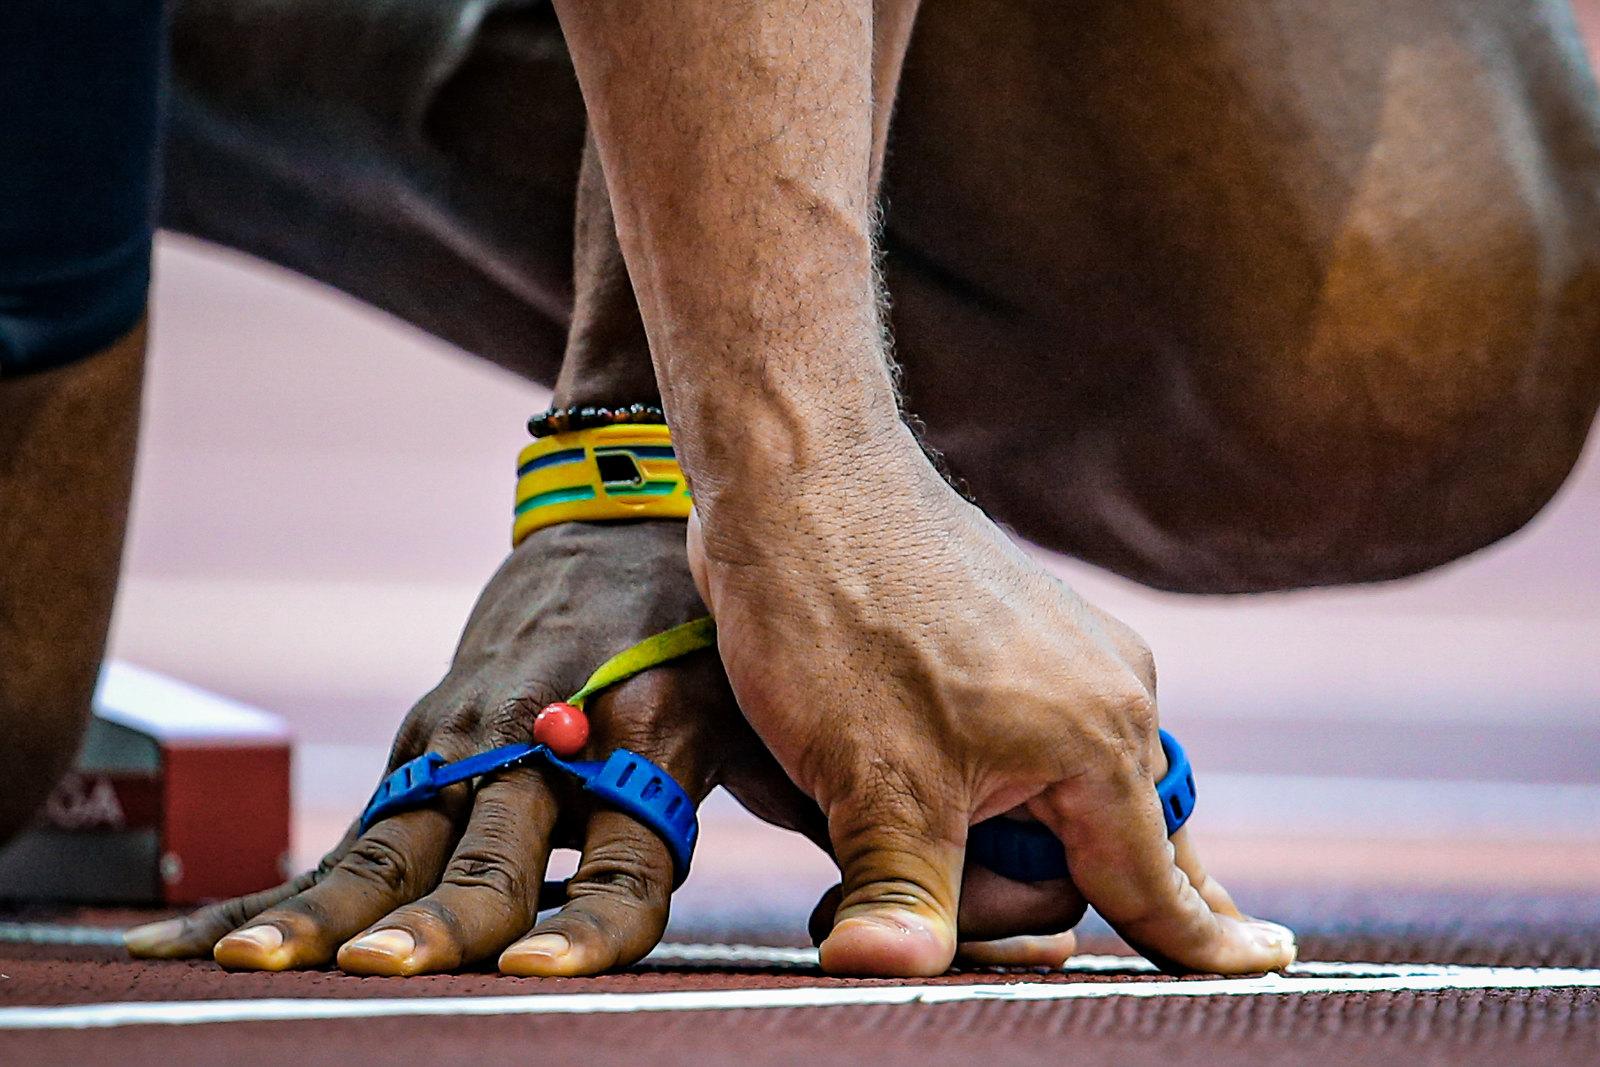 mão de atleta e guia entrelaçadas por fita no chão do estádio olímpico